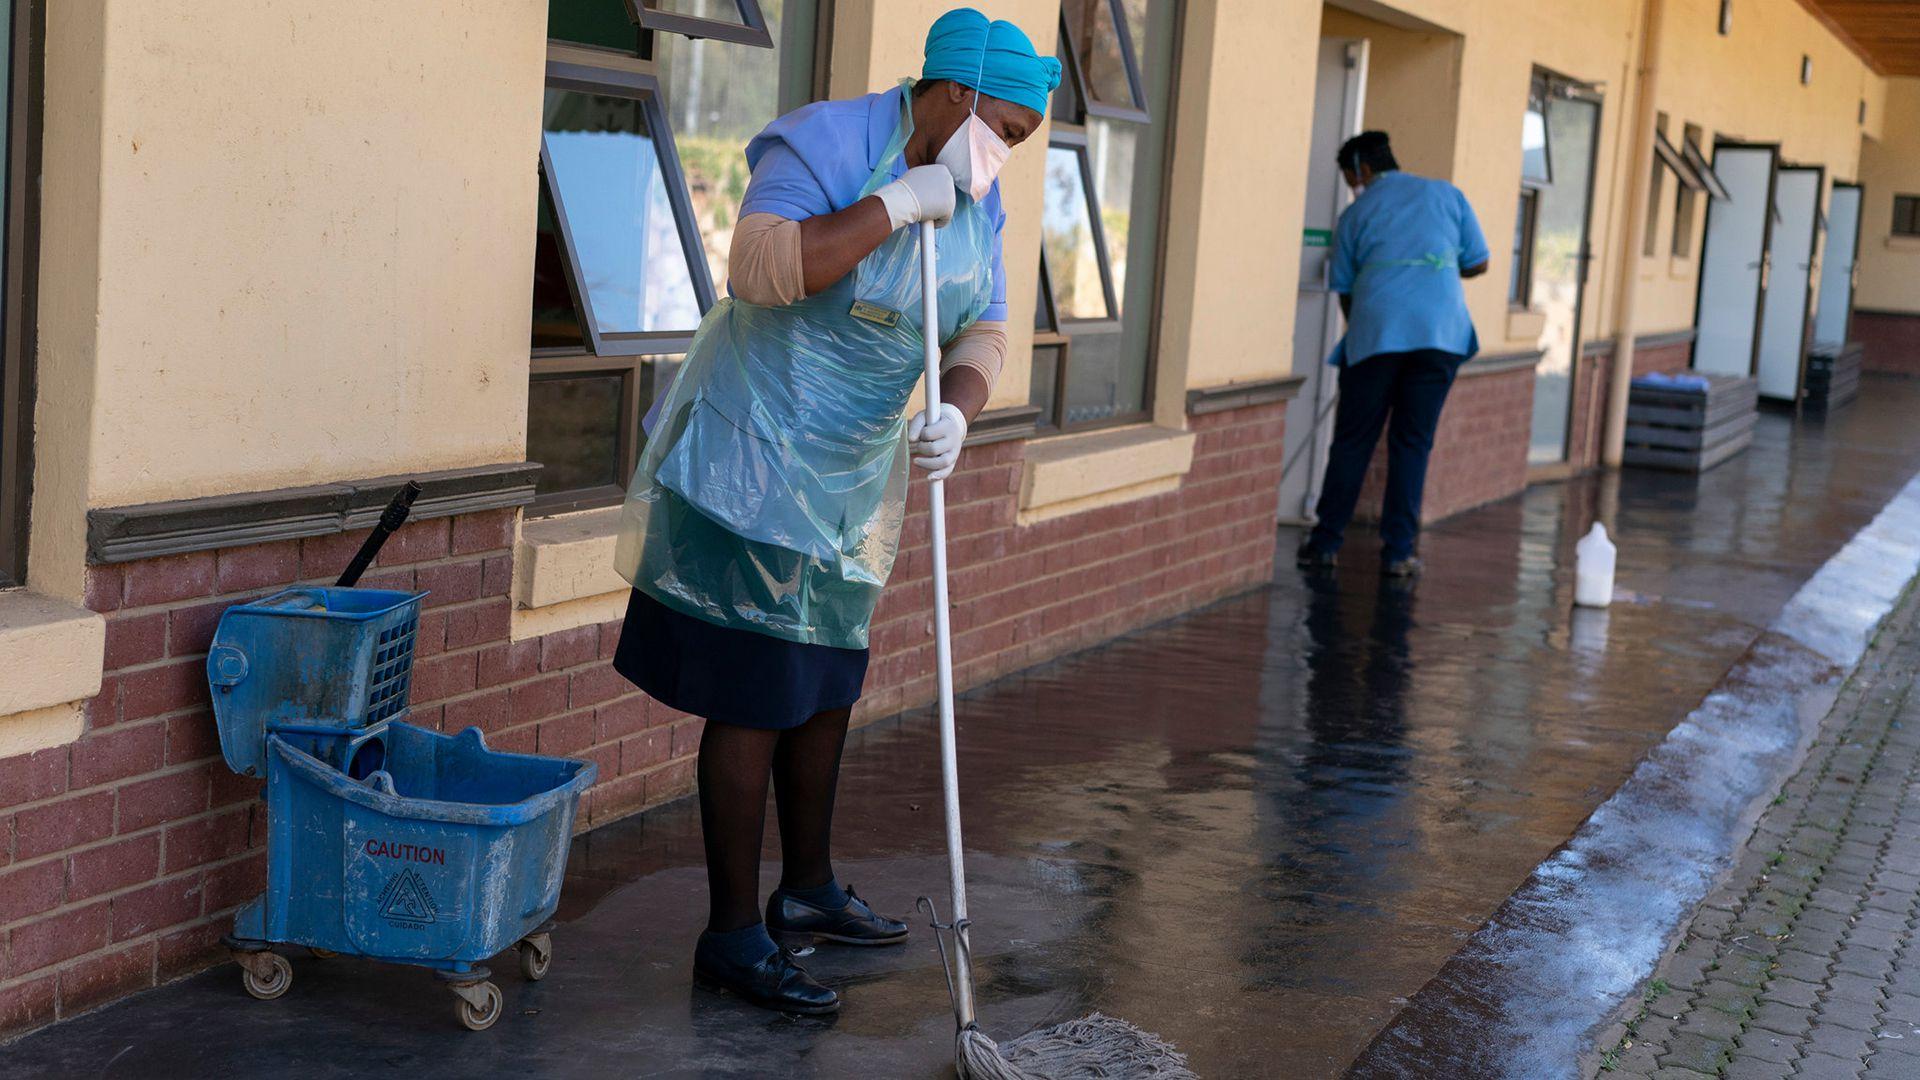 Trabajadores del hospital en Sizwe. El hospital fue construido originalmente por los británicos para pacientes con enfermedades contagiosas (Joao Silva/The New York Times)